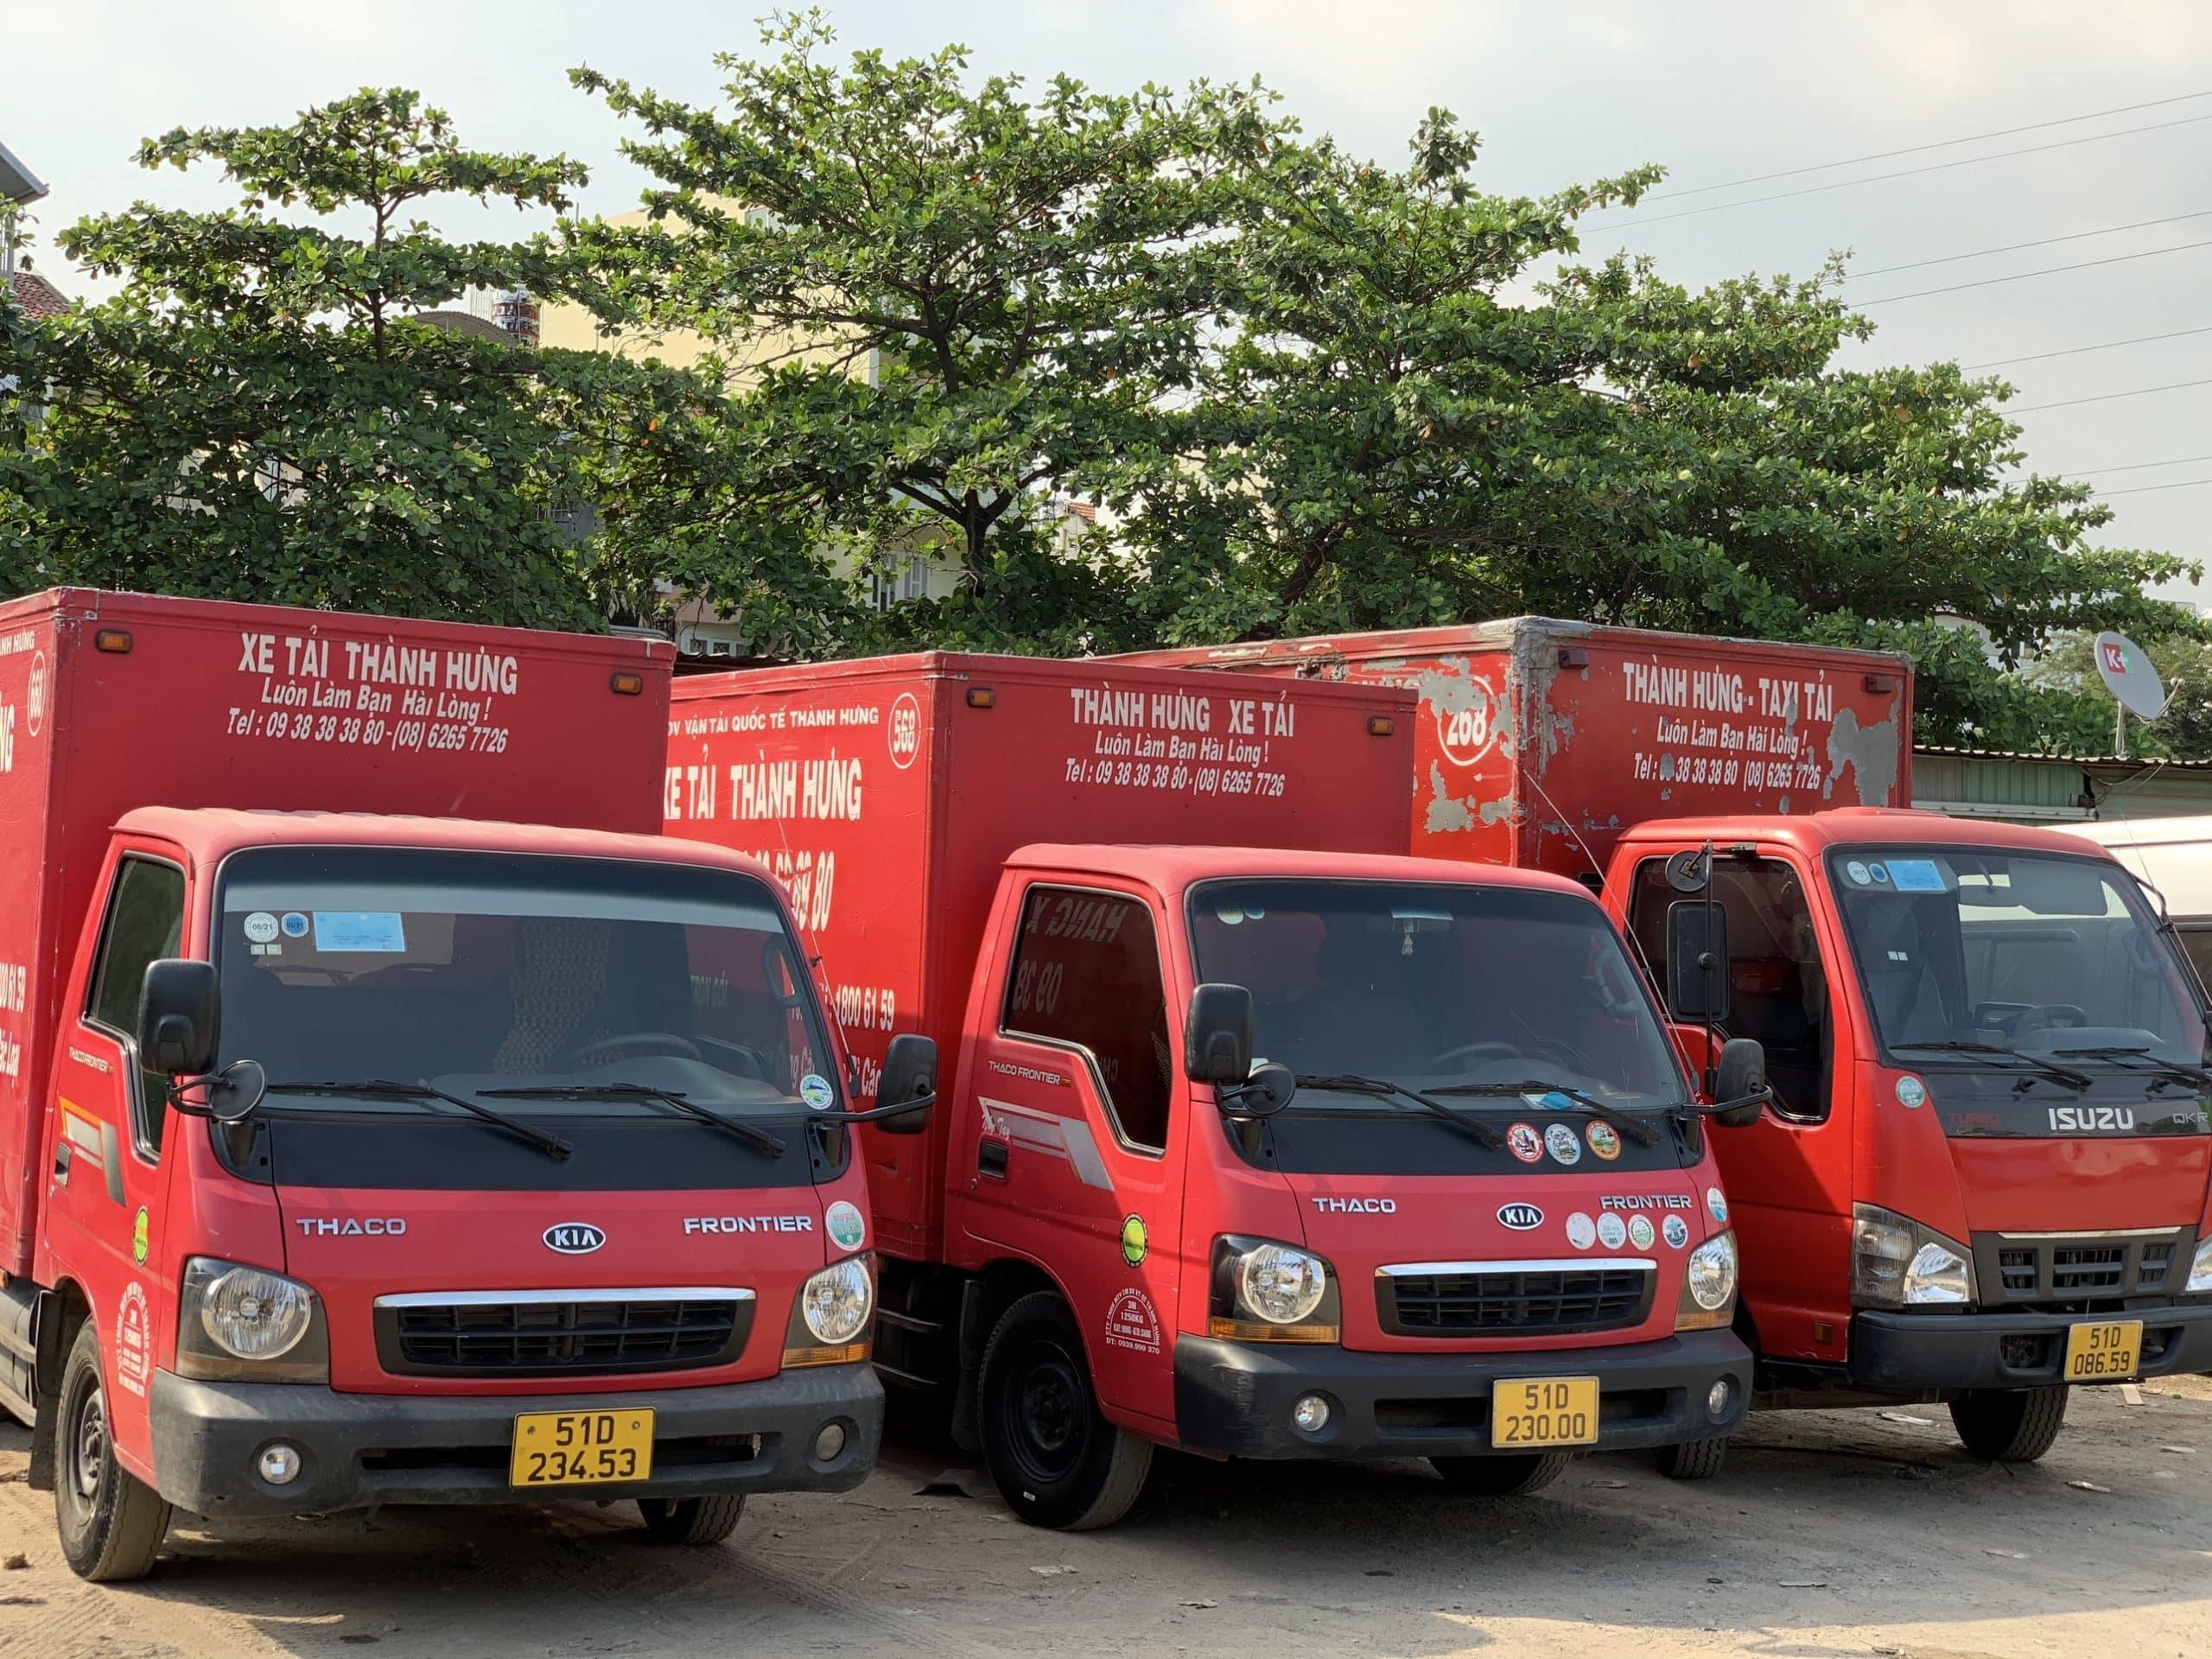 Taxi Tải Thành Hưng cung cấp dịch vụ chuyển kho xưởng uy tín